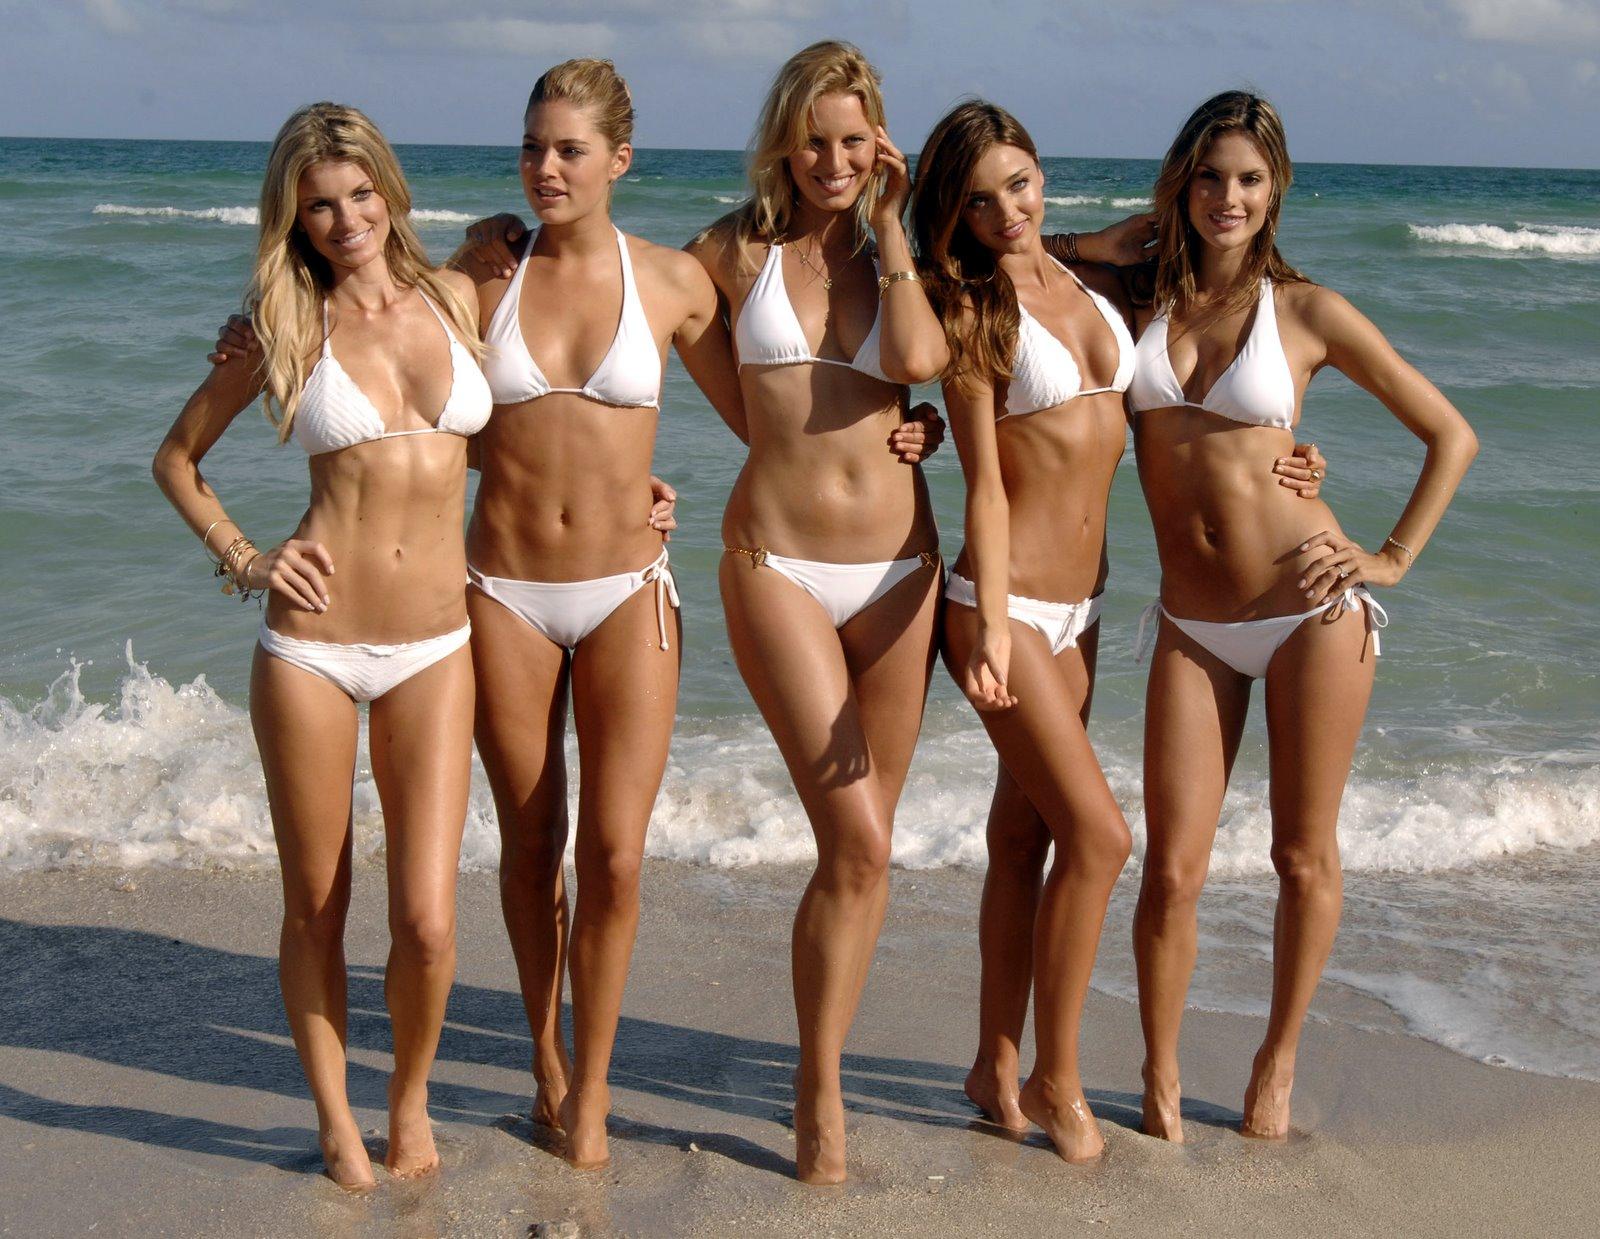 http://1.bp.blogspot.com/-LIQnnRlzZ8E/TyPi7GBLXcI/AAAAAAAAB_A/bvPaLGjYXrw/s1600/Doutzen_Kroes_Alessandra_Ambrosio_Miranda_Kerr_Karolina_Kurkova_Marisa_Miller_Bikini+0001.jpg